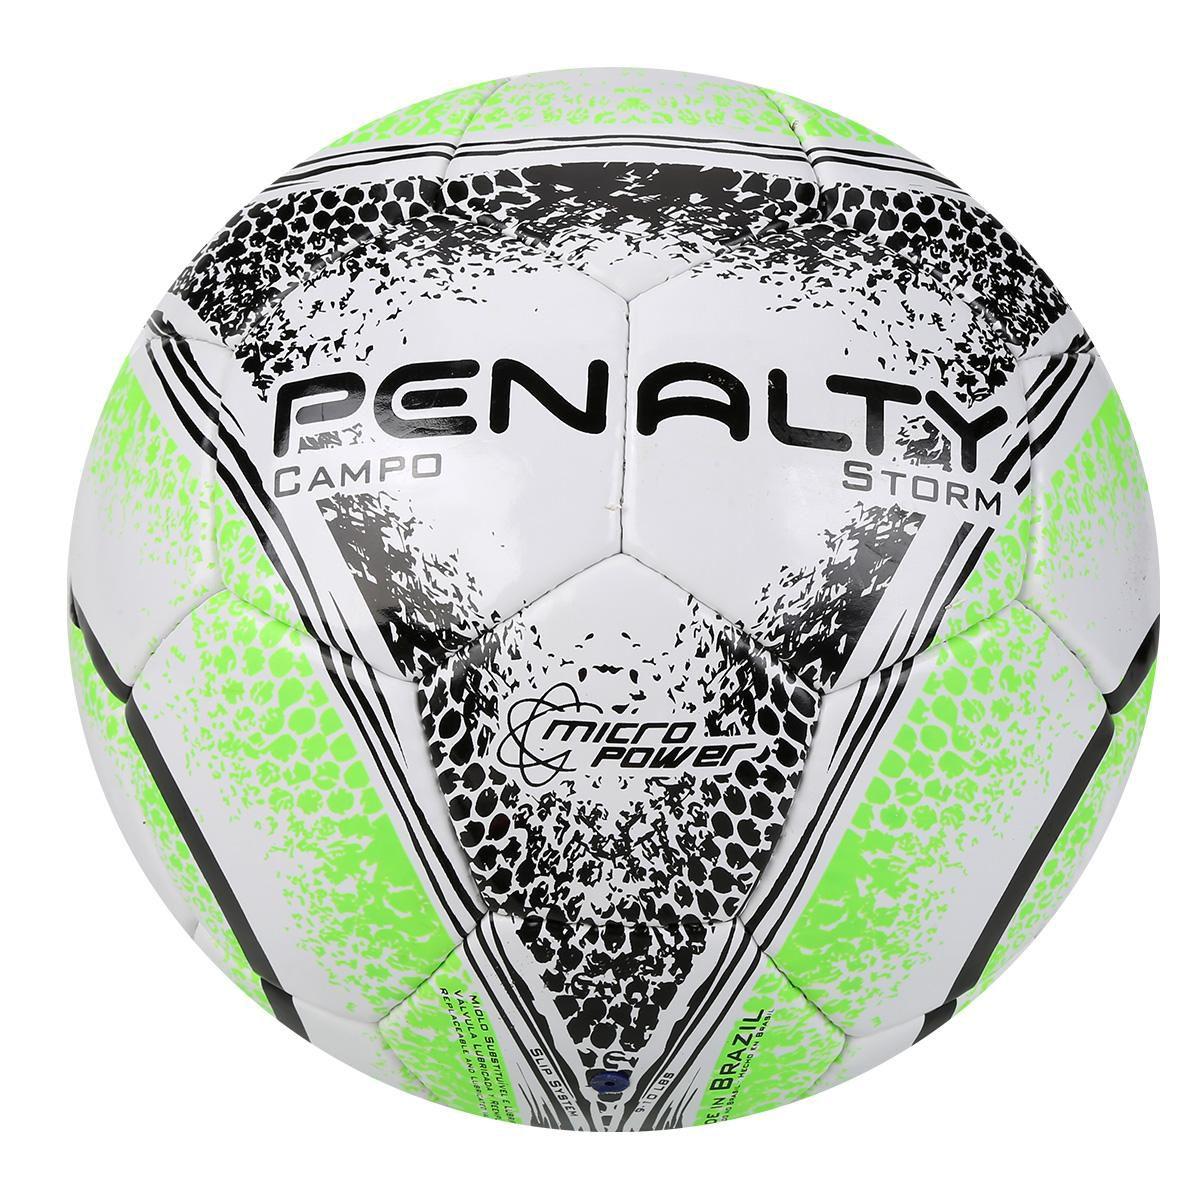 Bola Futsal Penalty Storm 500 Costurada 8